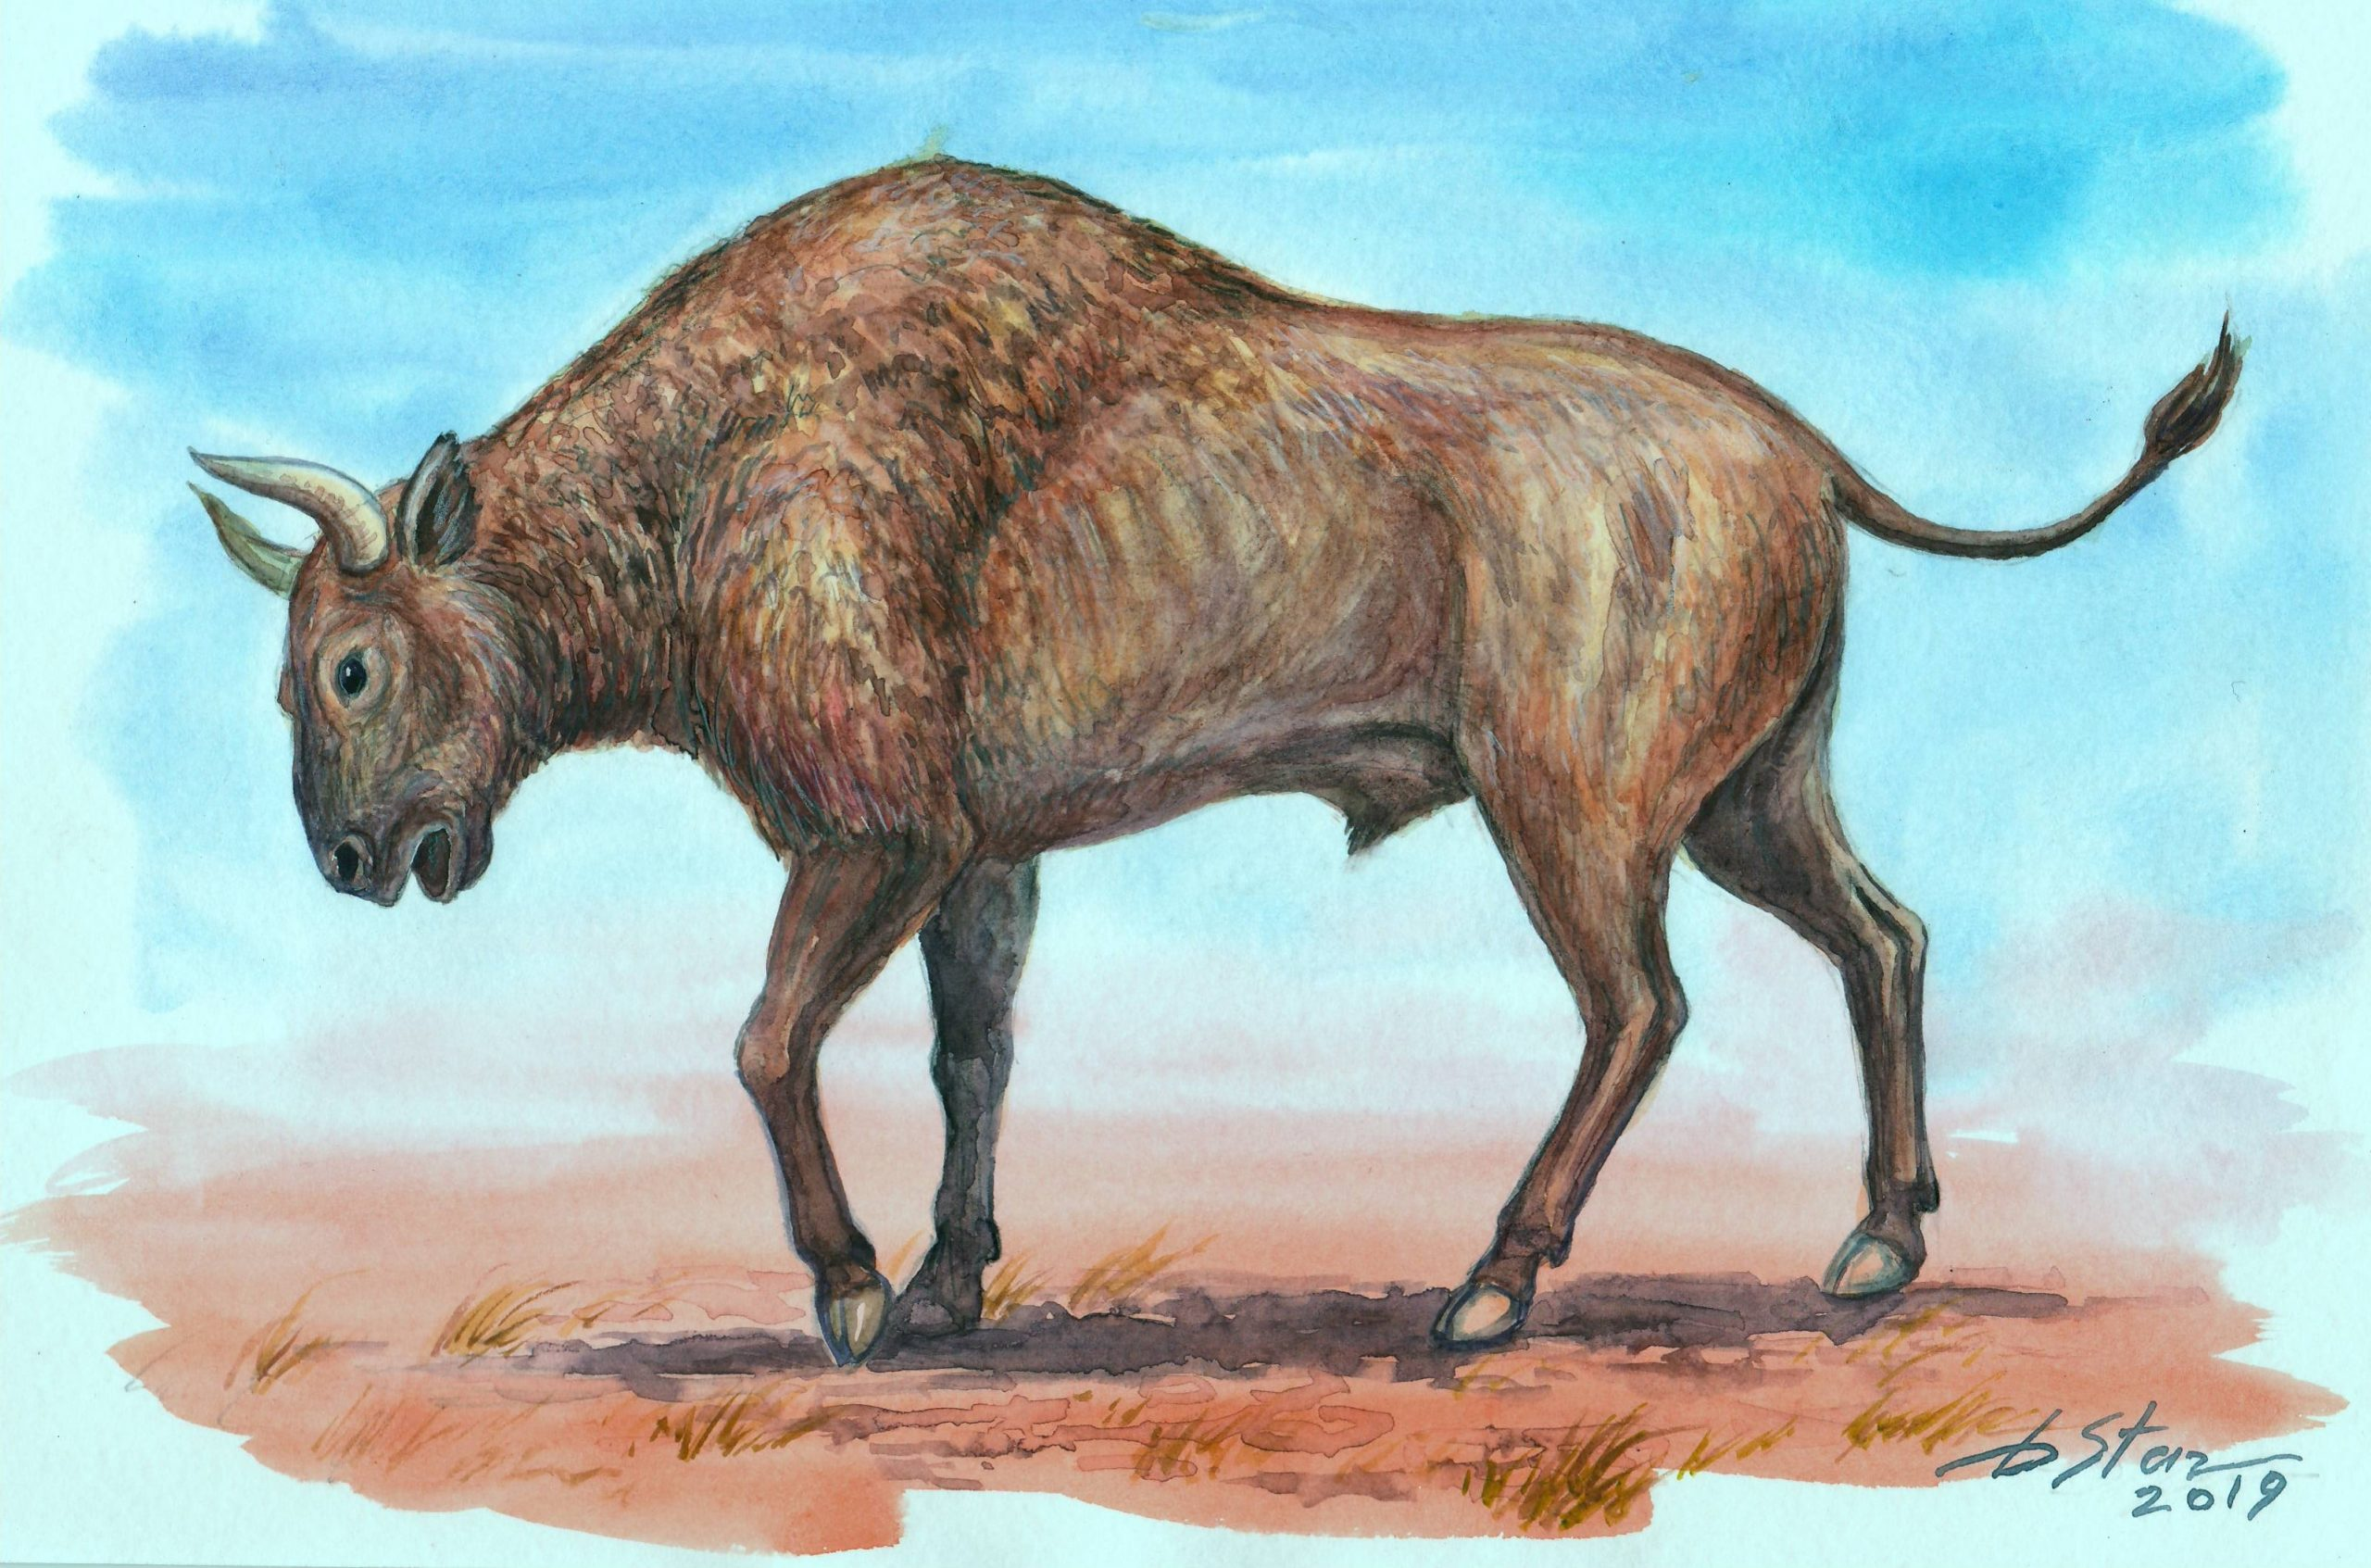 следам днк, картинки с древними животными куркума популярная восточная